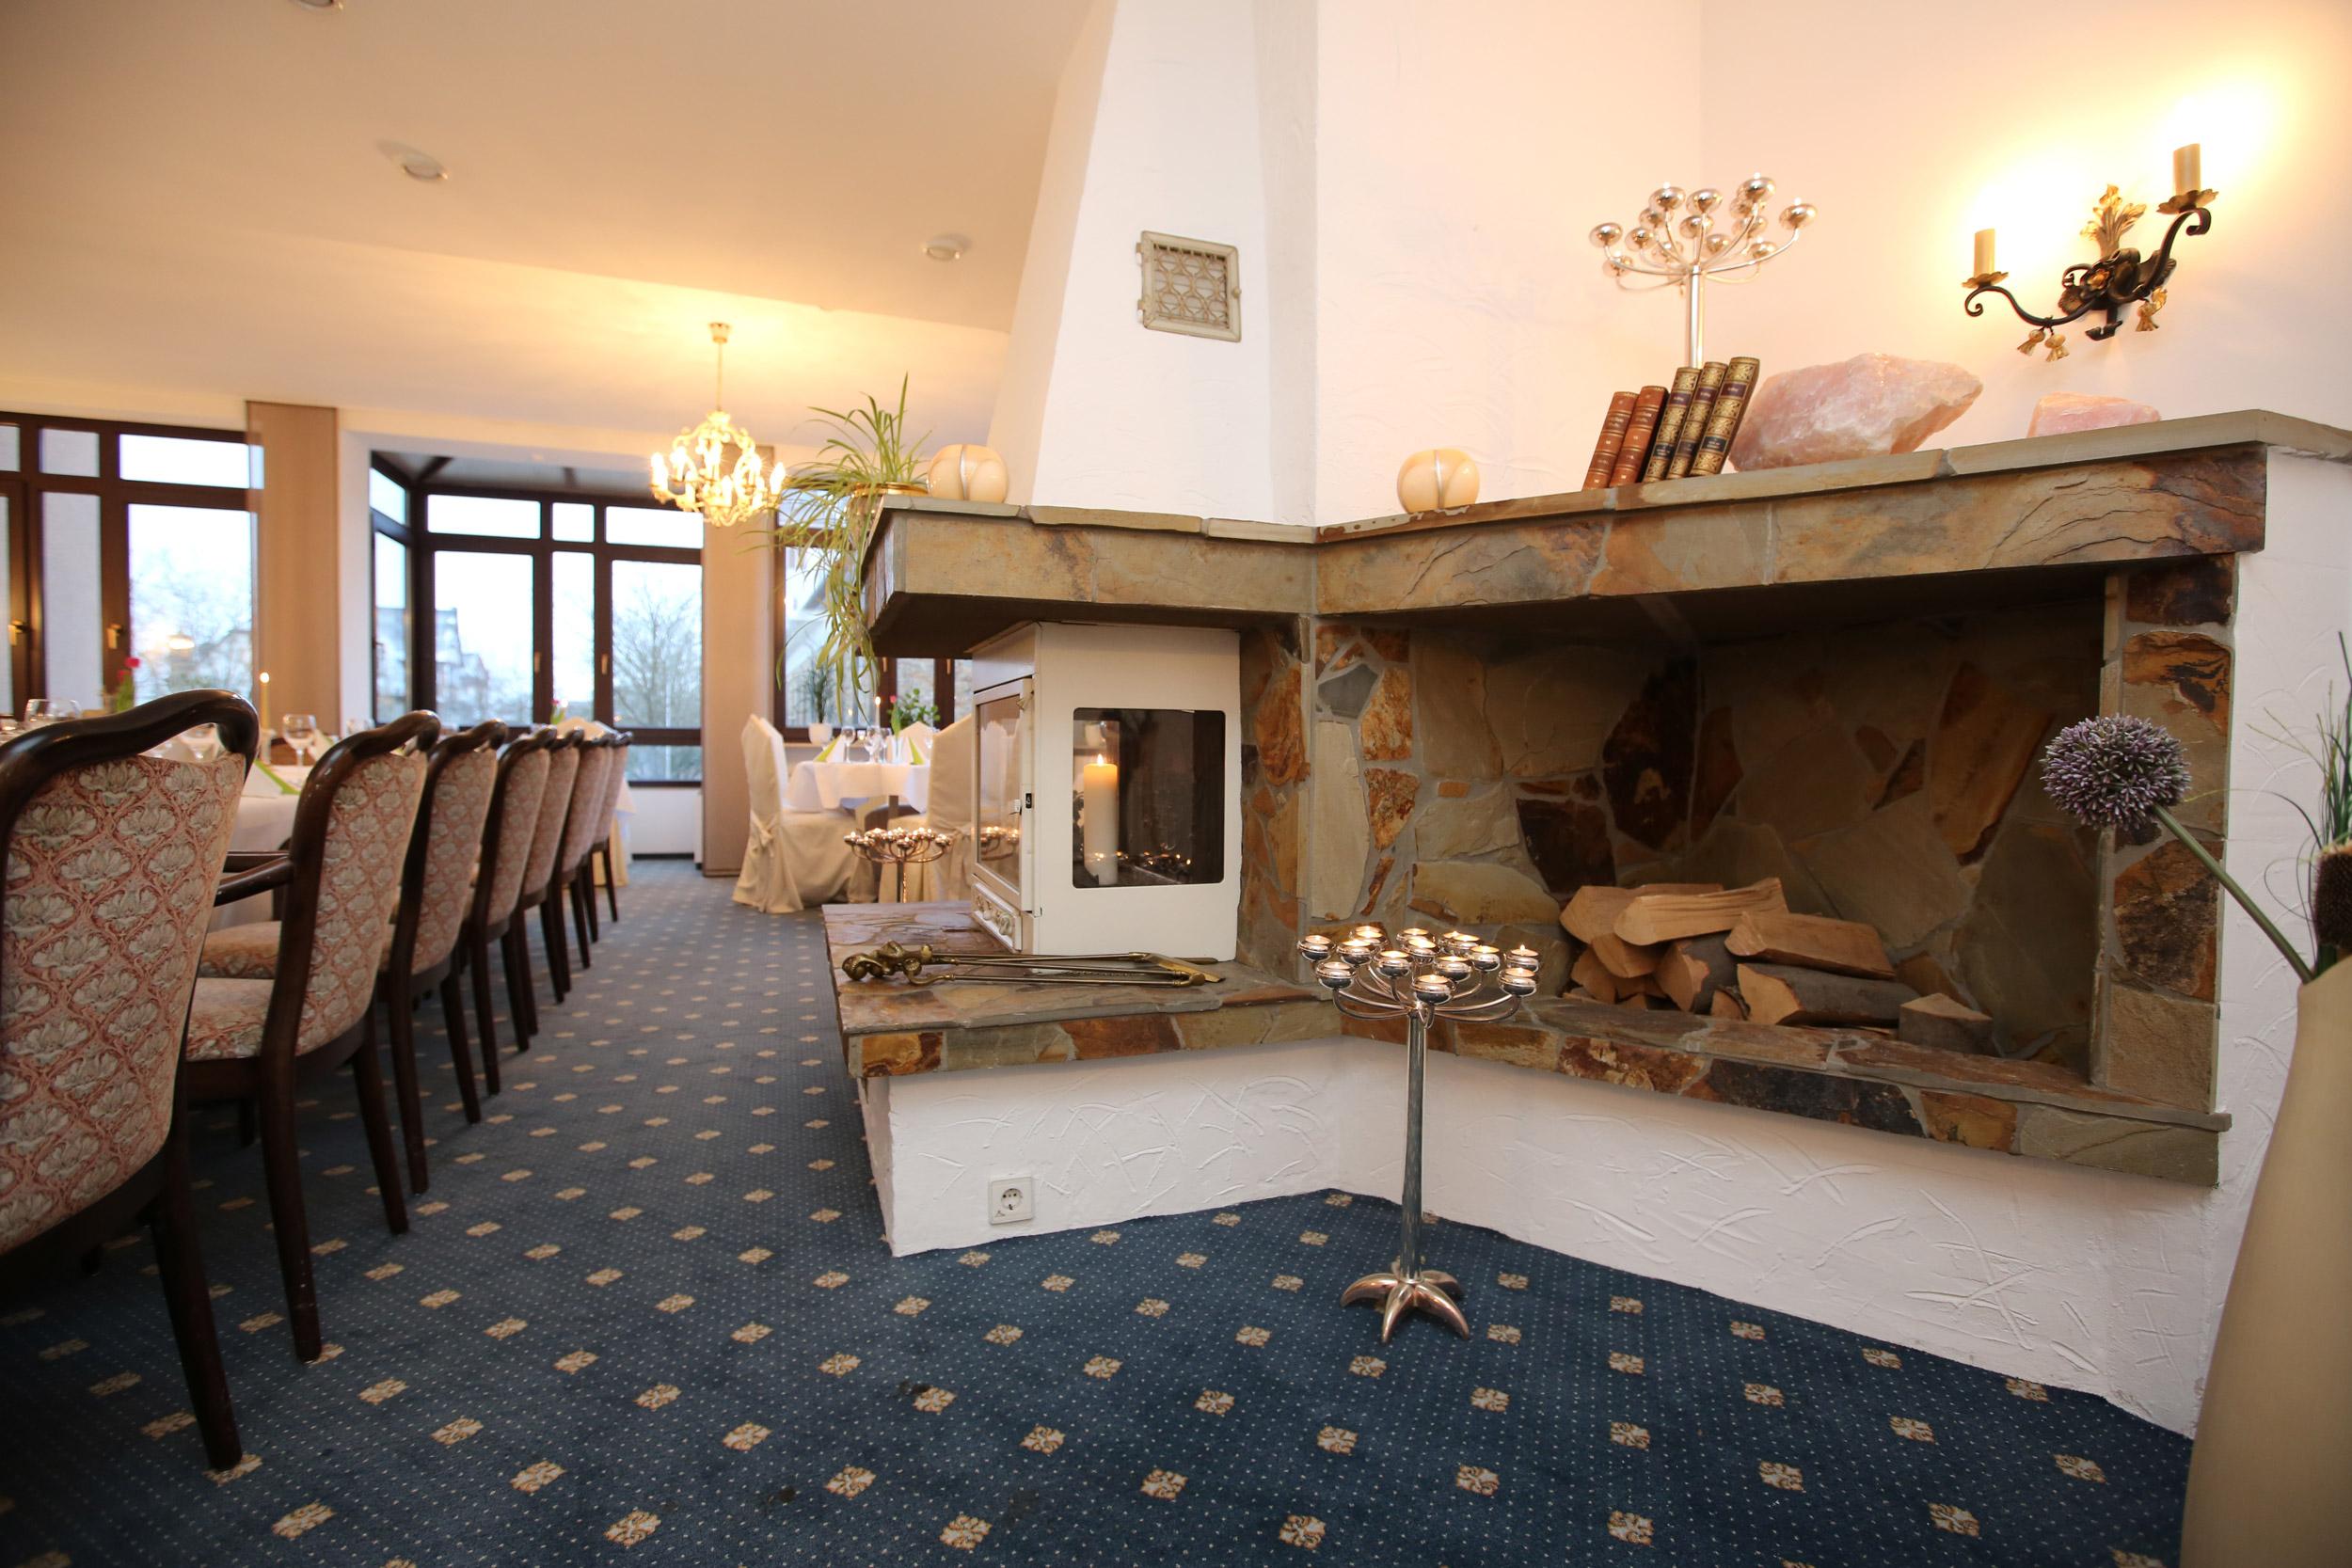 Kaminzimmer / fireplace lounge.